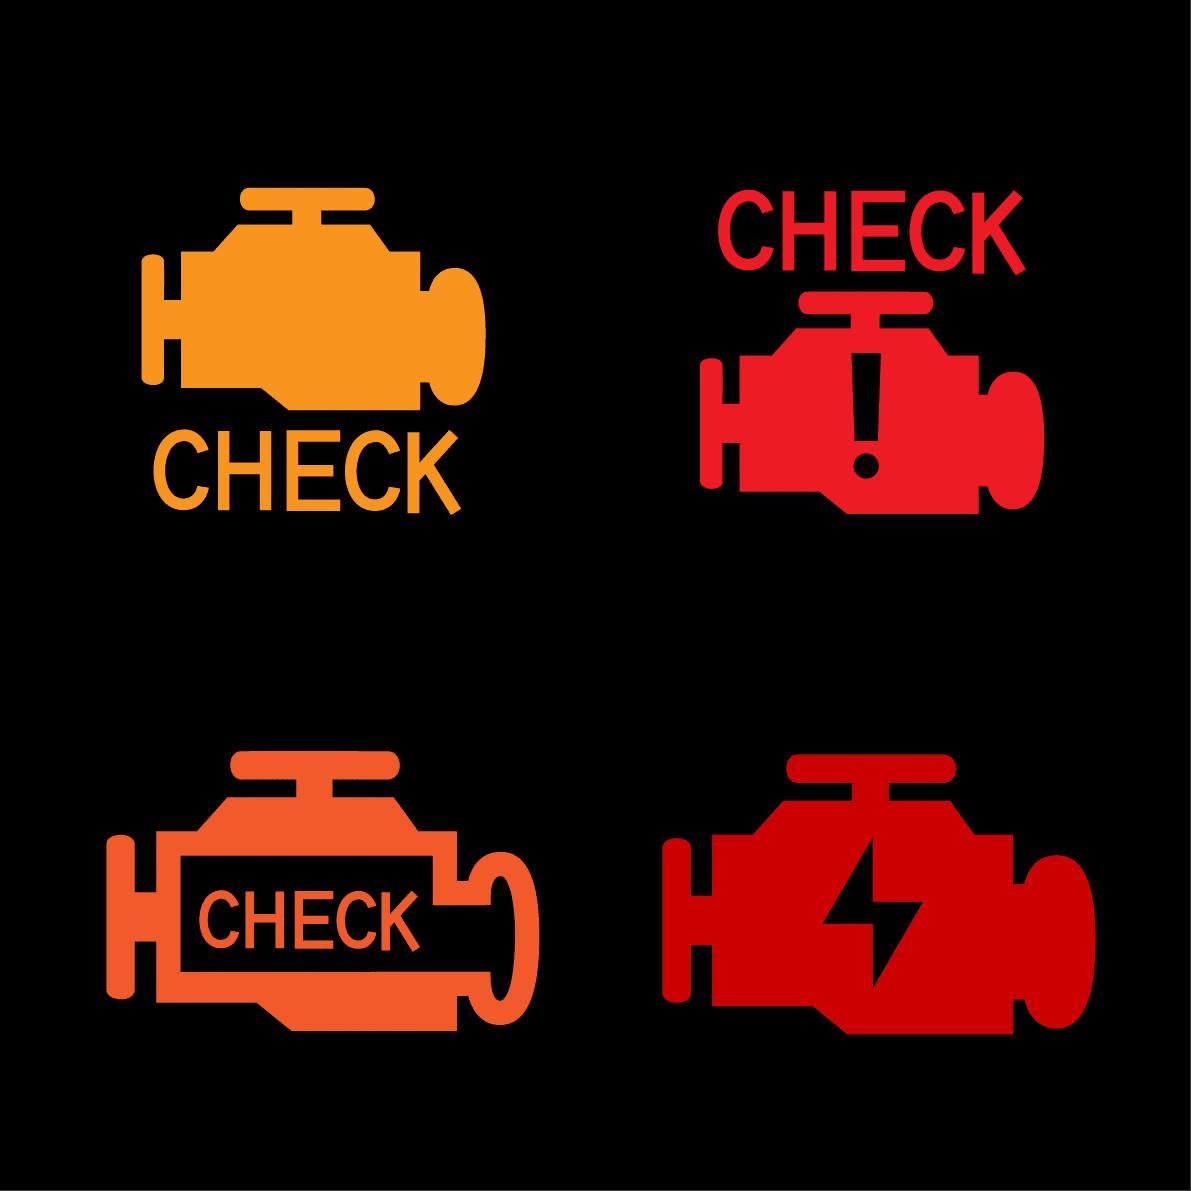 Iconos de Check Engine que pueden aparecer en los vehículos